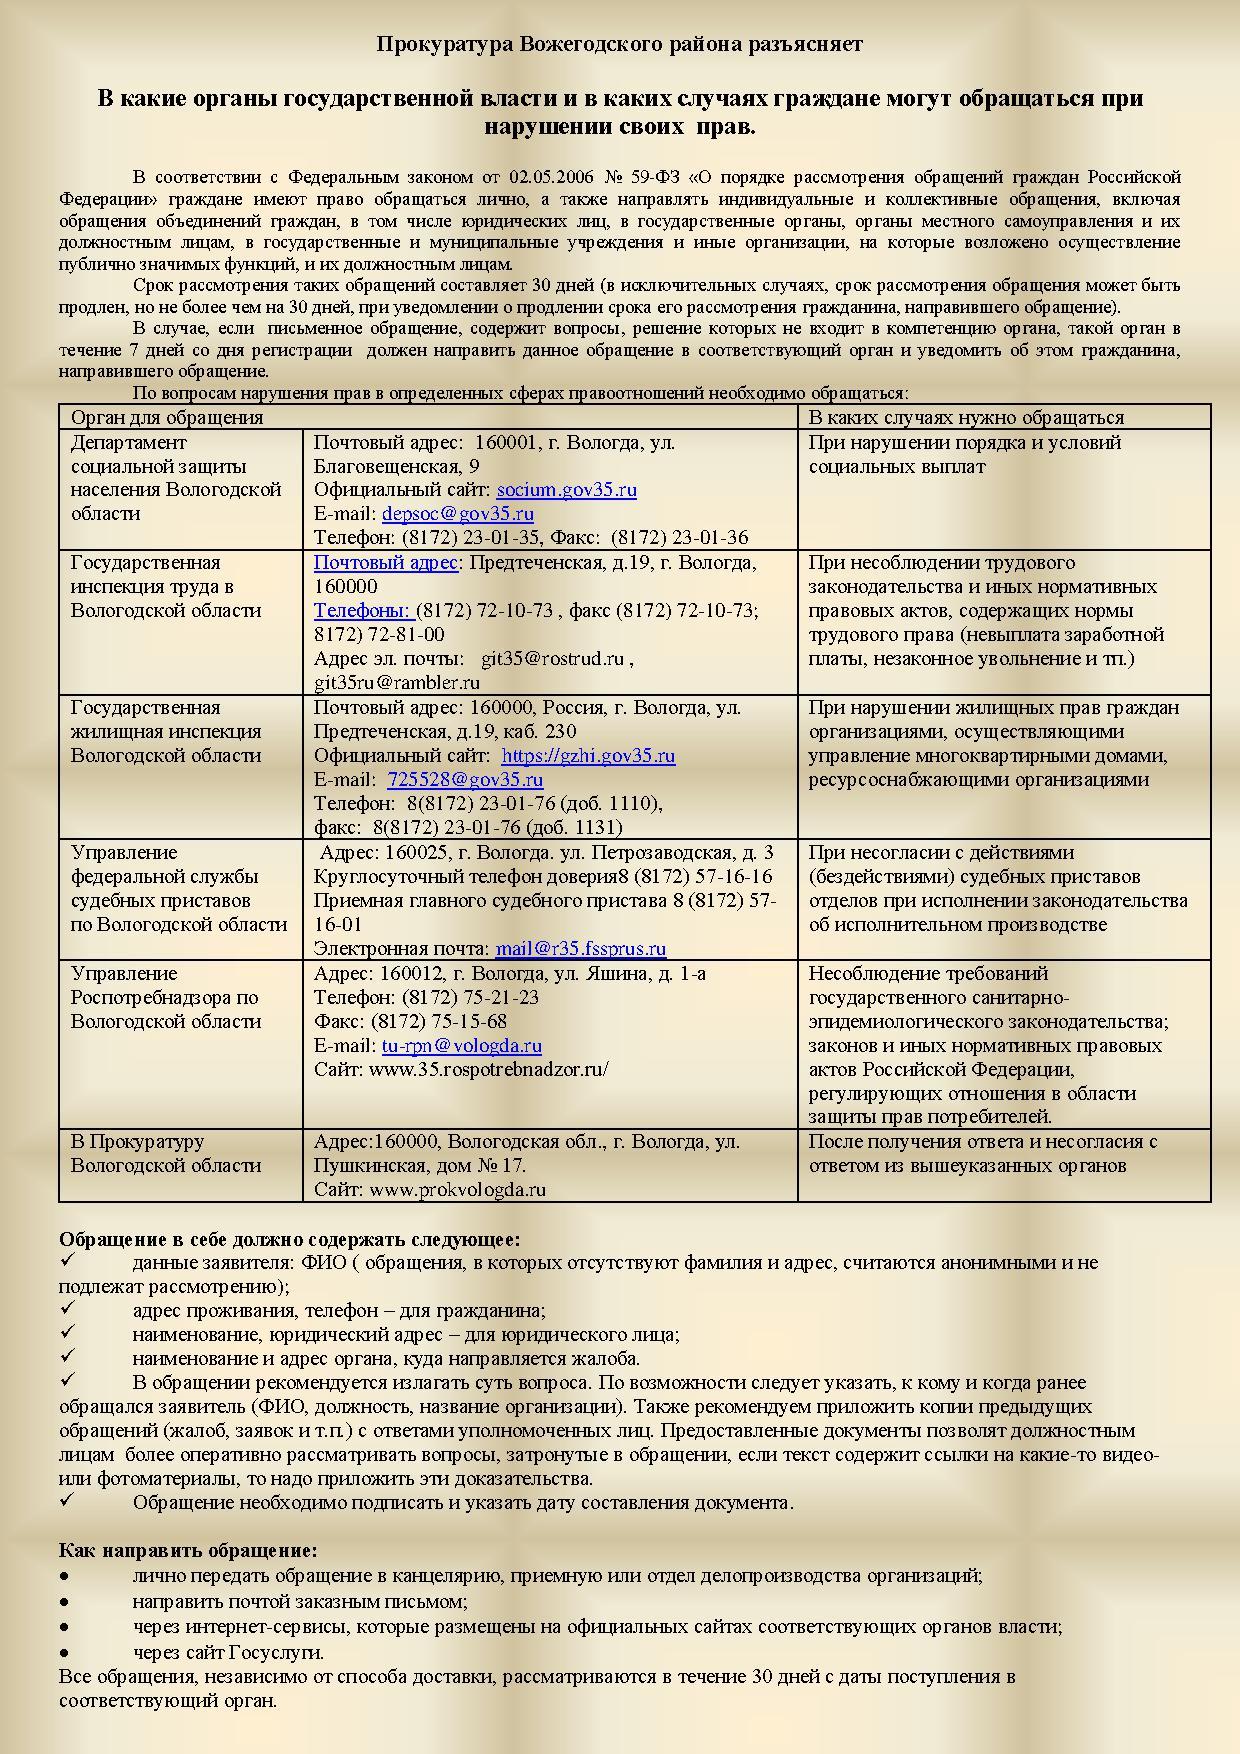 закон о порядке прохождения военной службы